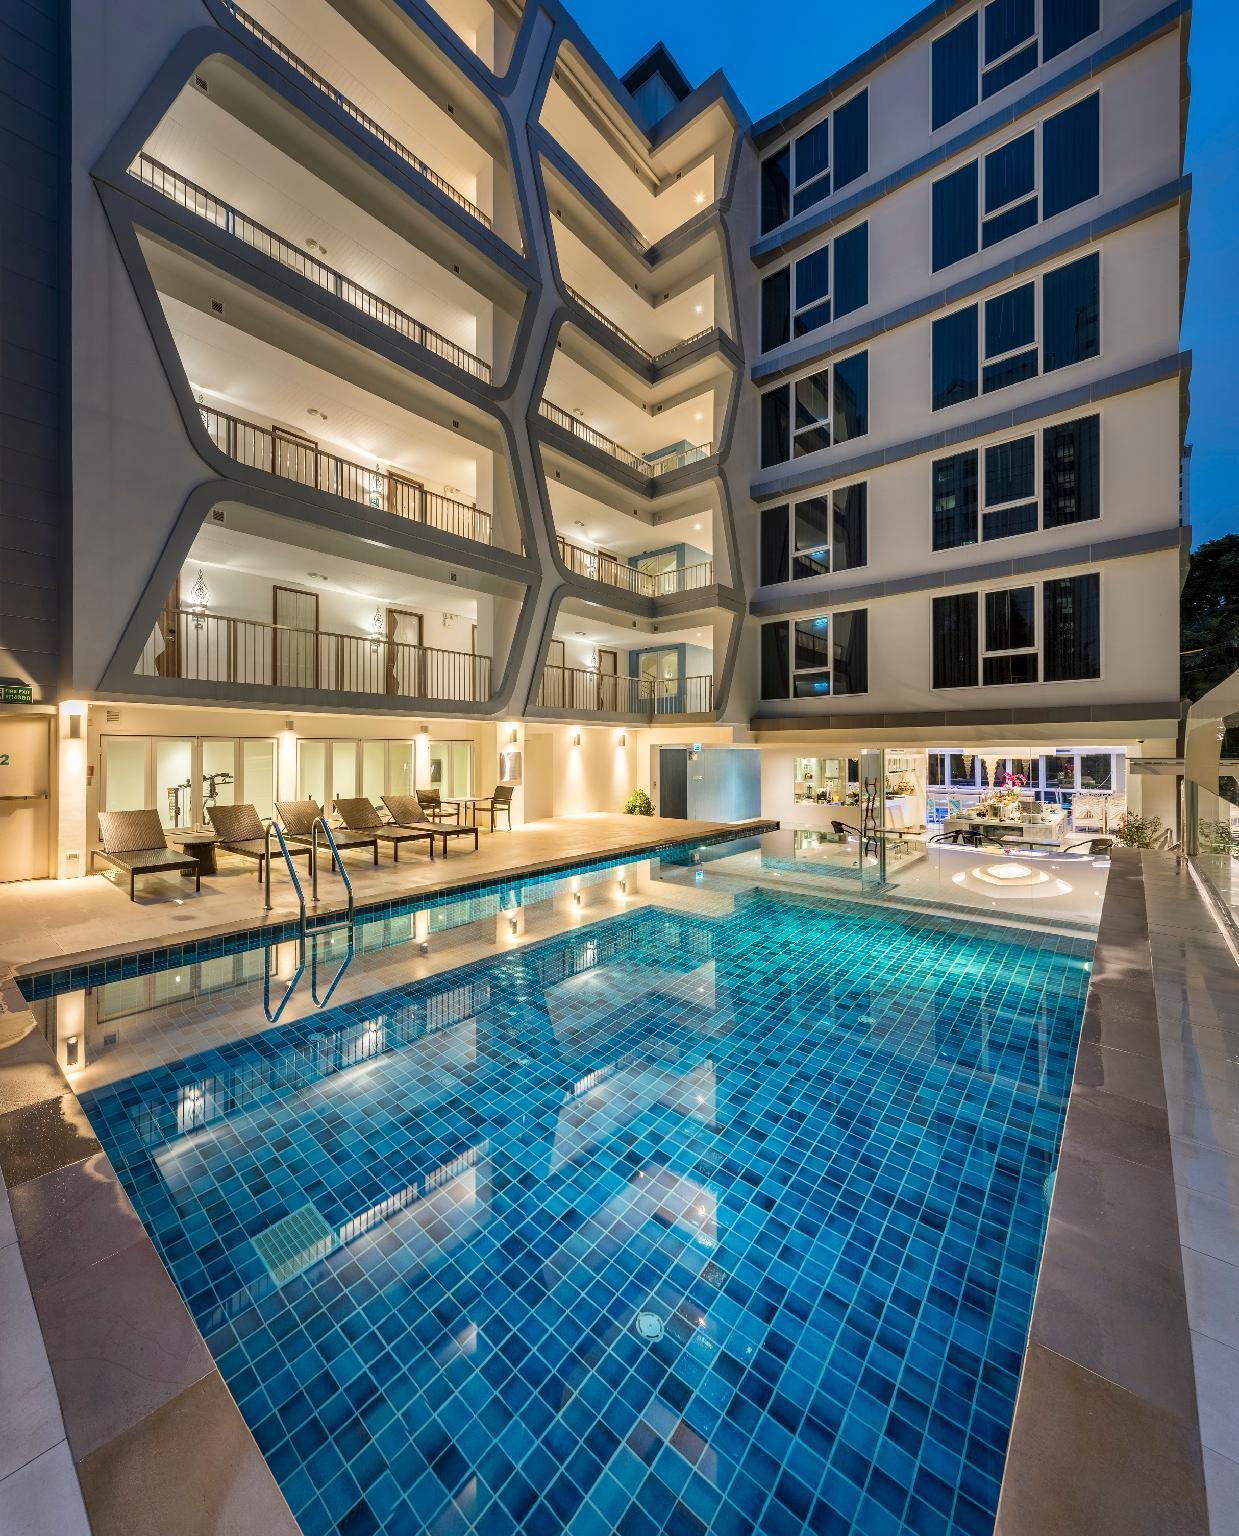 Le Tada Parkview Hotel โรงแรมเลอ ธาดา พาร์ควิว